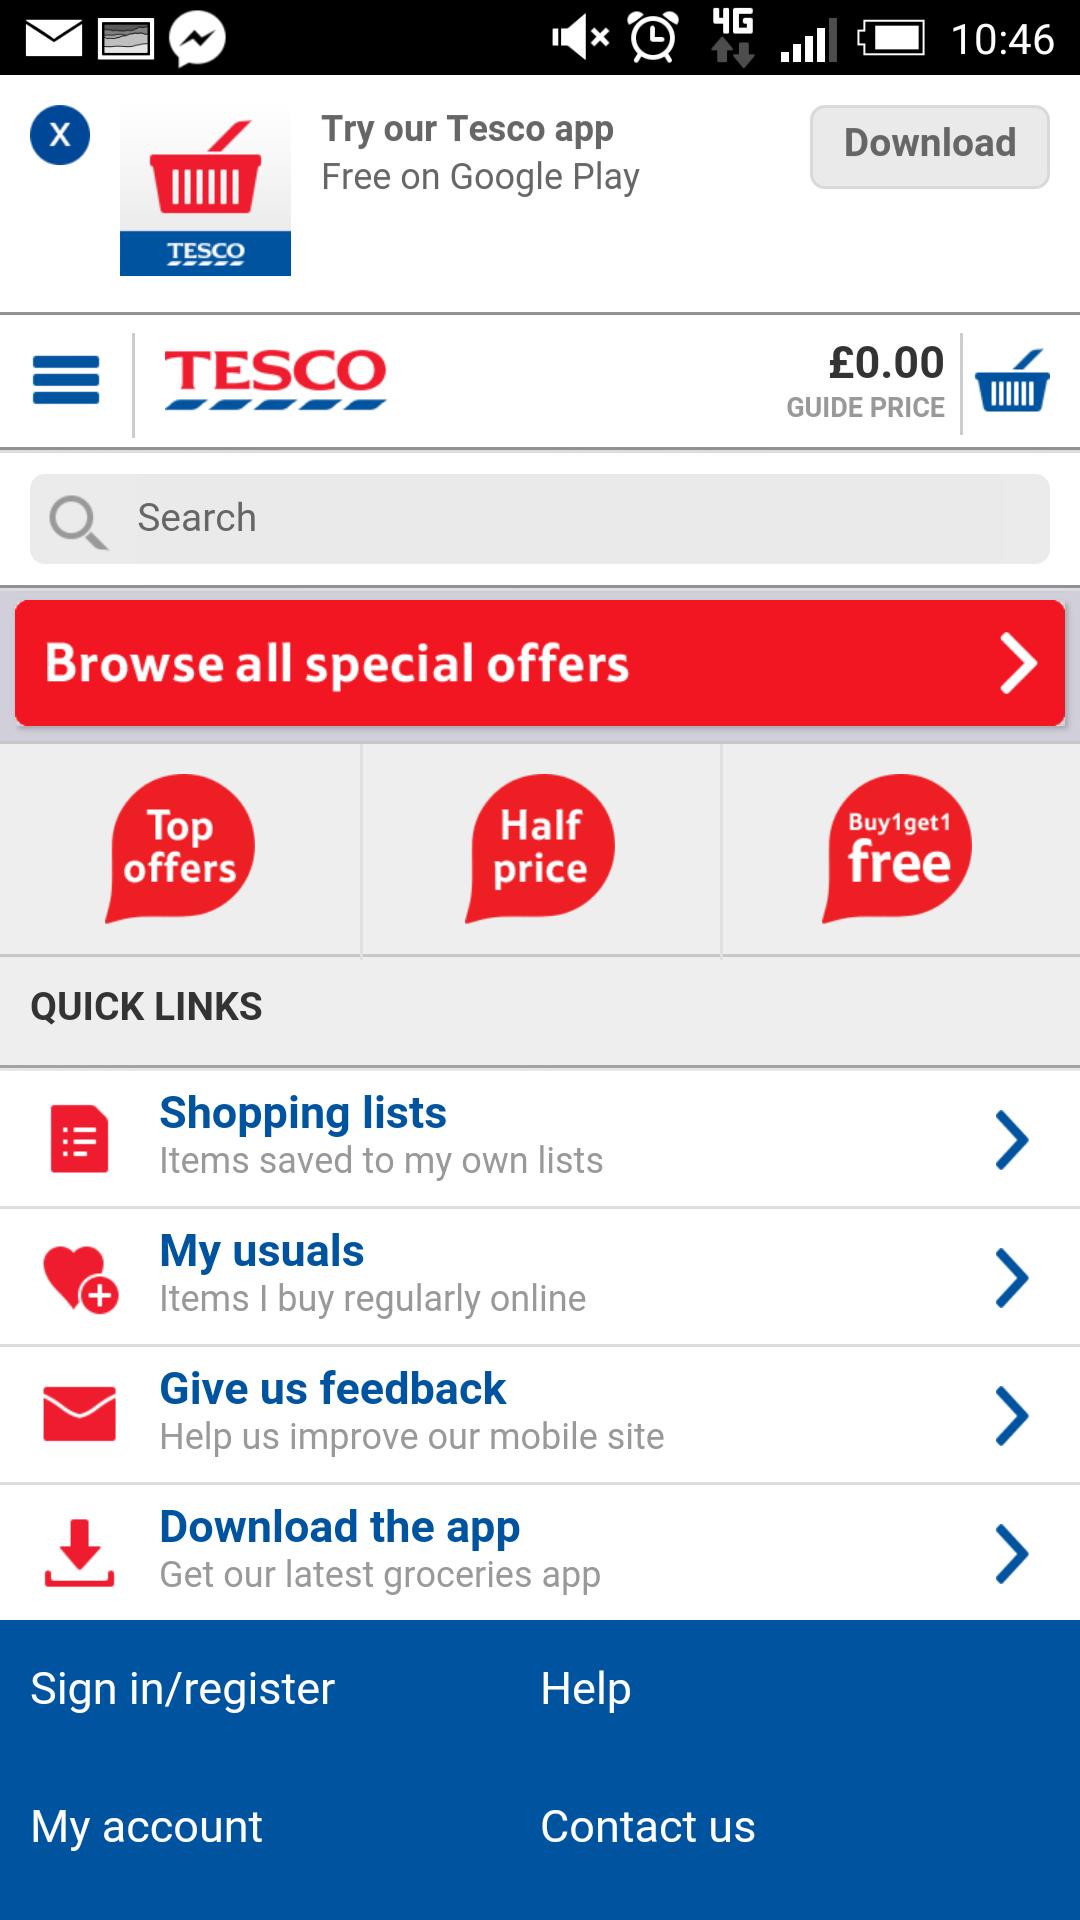 Tesco mobile site